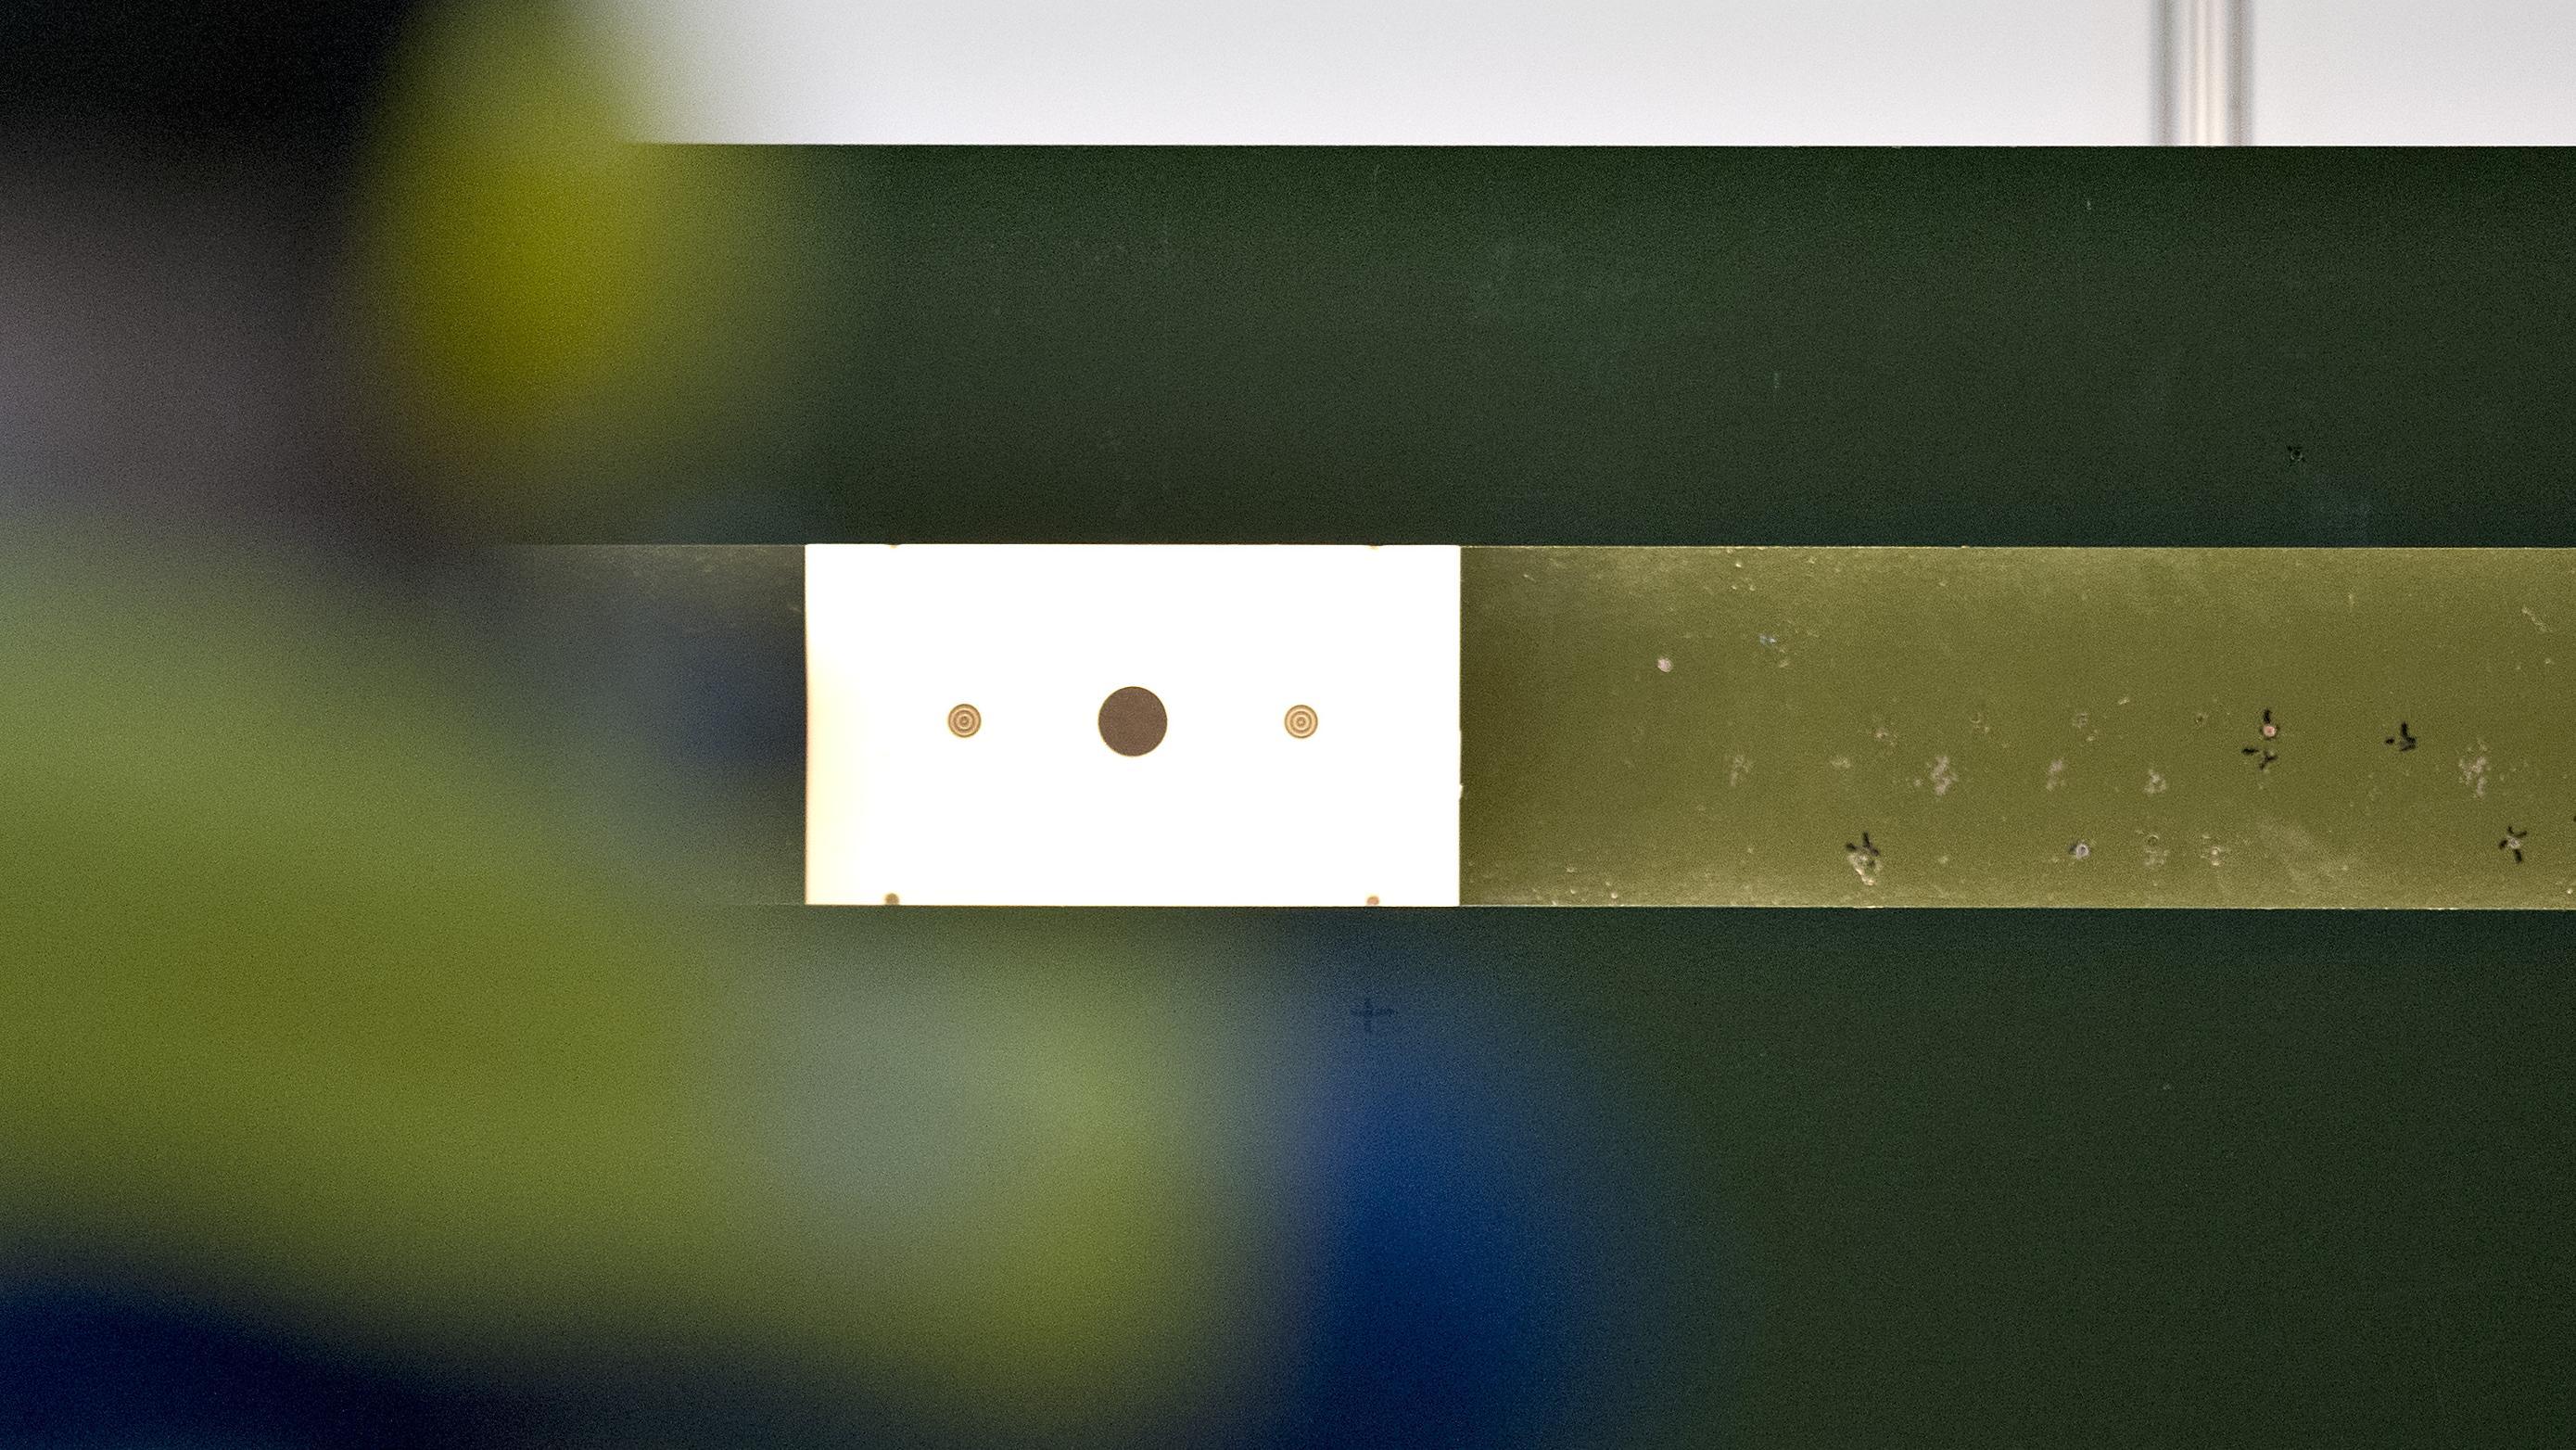 scanpix-20130227-183145-l.jpg